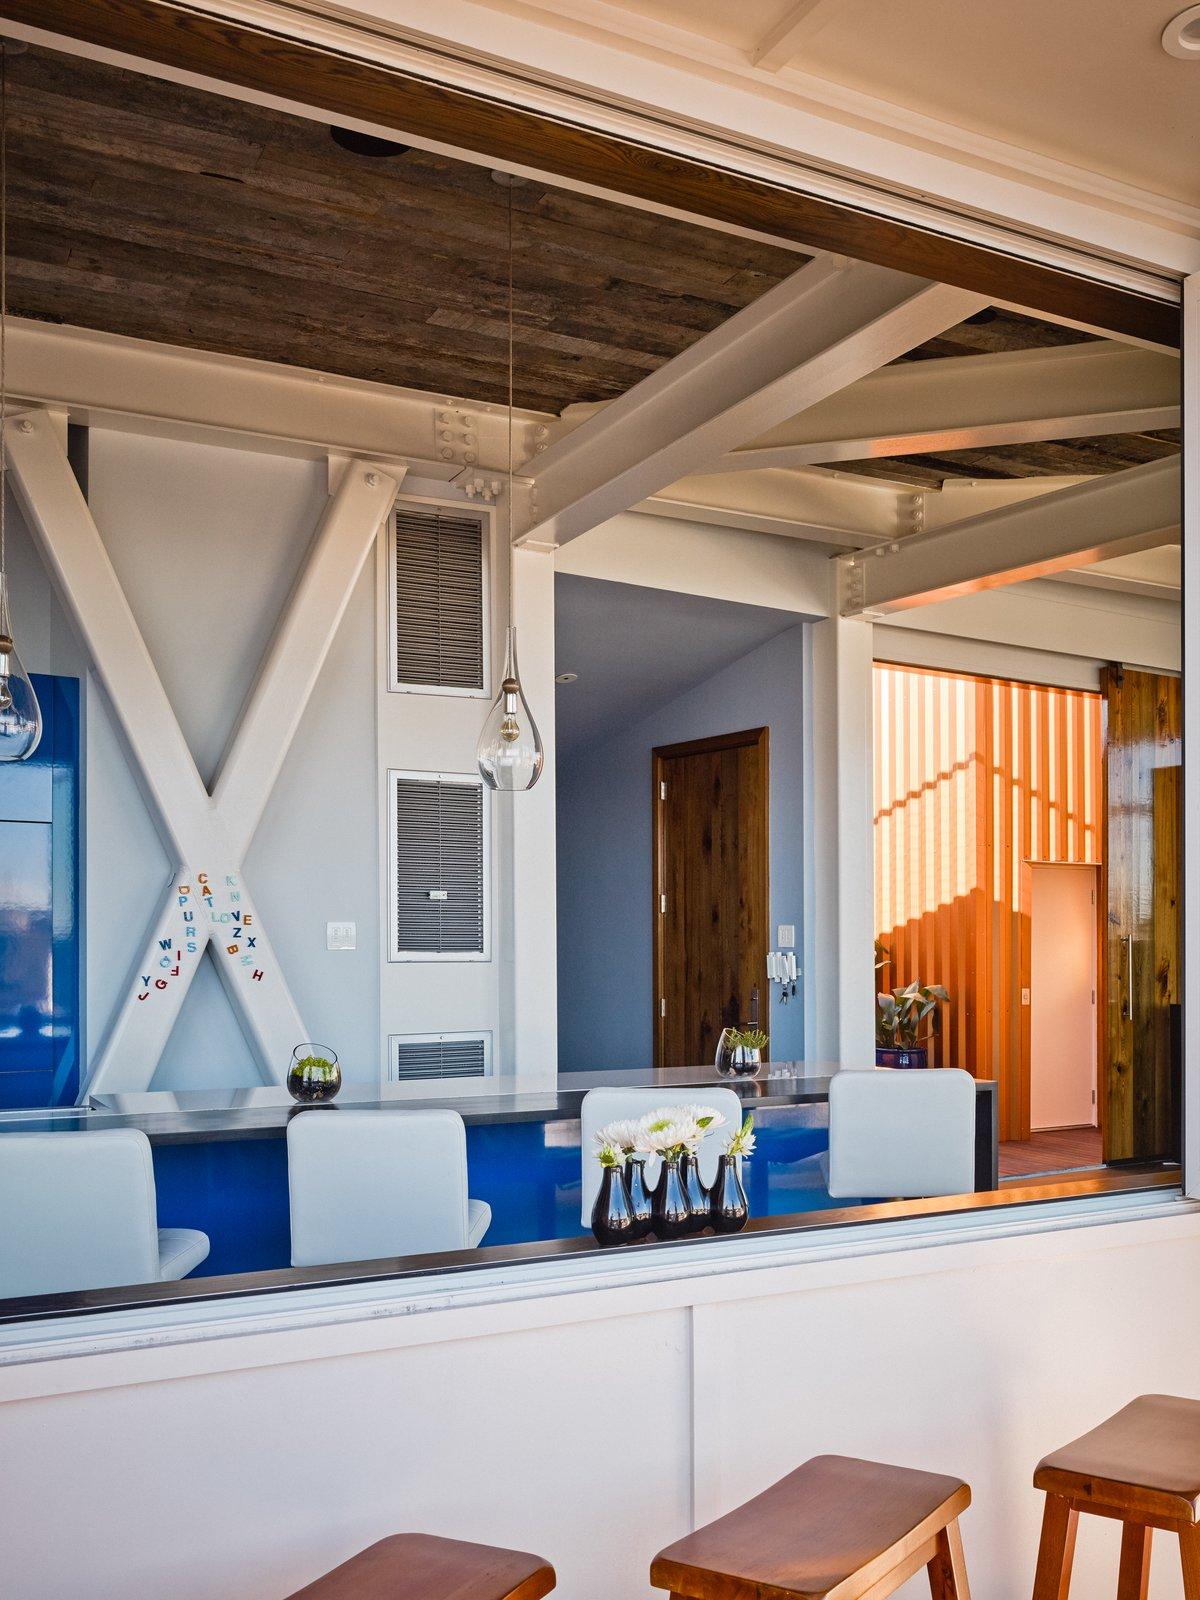 Tagged: Kitchen. SKY residence by Kevan Hoertdoerfer Architects